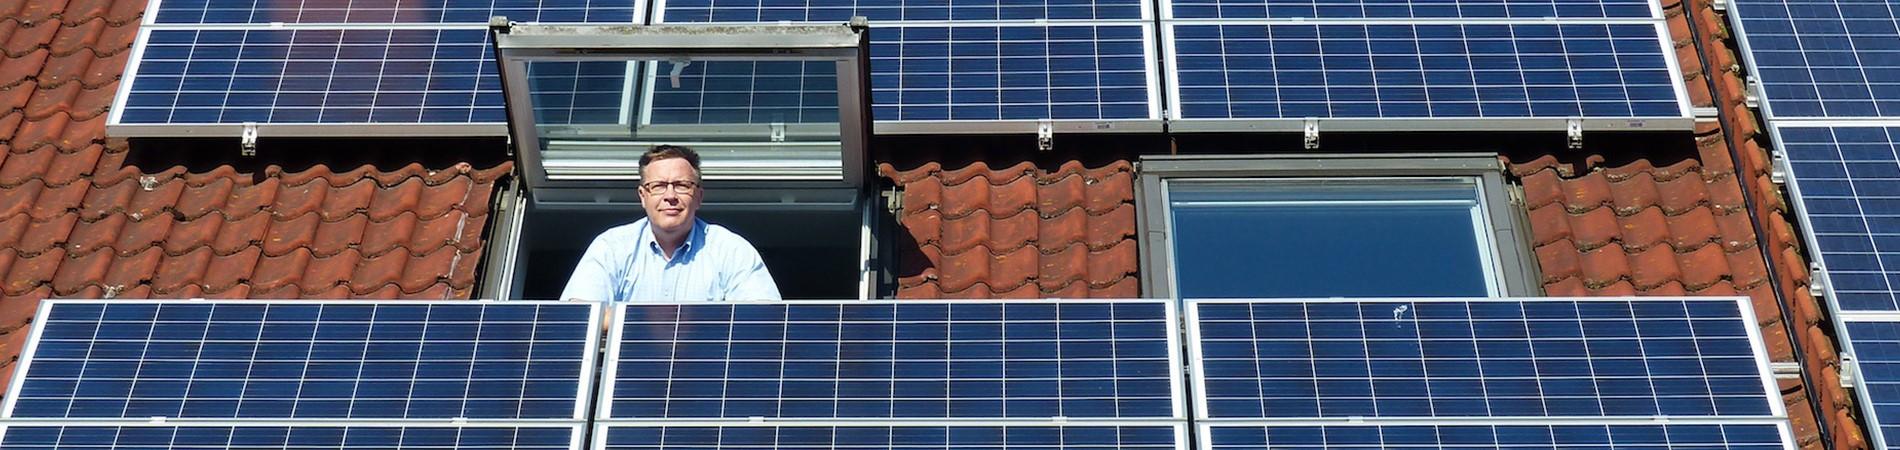 sonnen Kunde auf seinem Dach mit Photovoltaik-Anlage